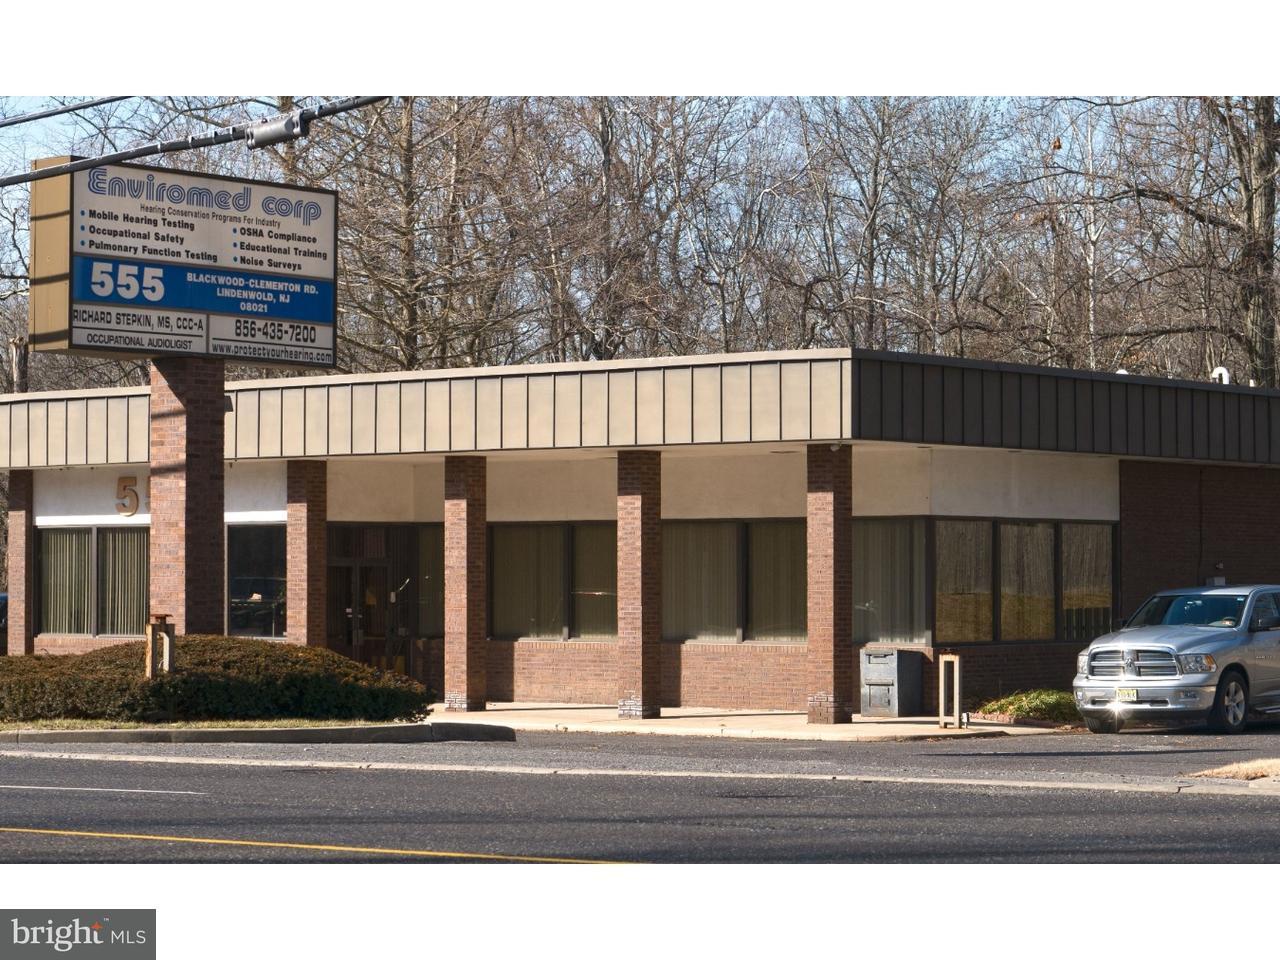 Casa Unifamiliar por un Venta en 555 BLACKWOOD CLEMENTON Road Lindenwold, Nueva Jersey 08021 Estados Unidos